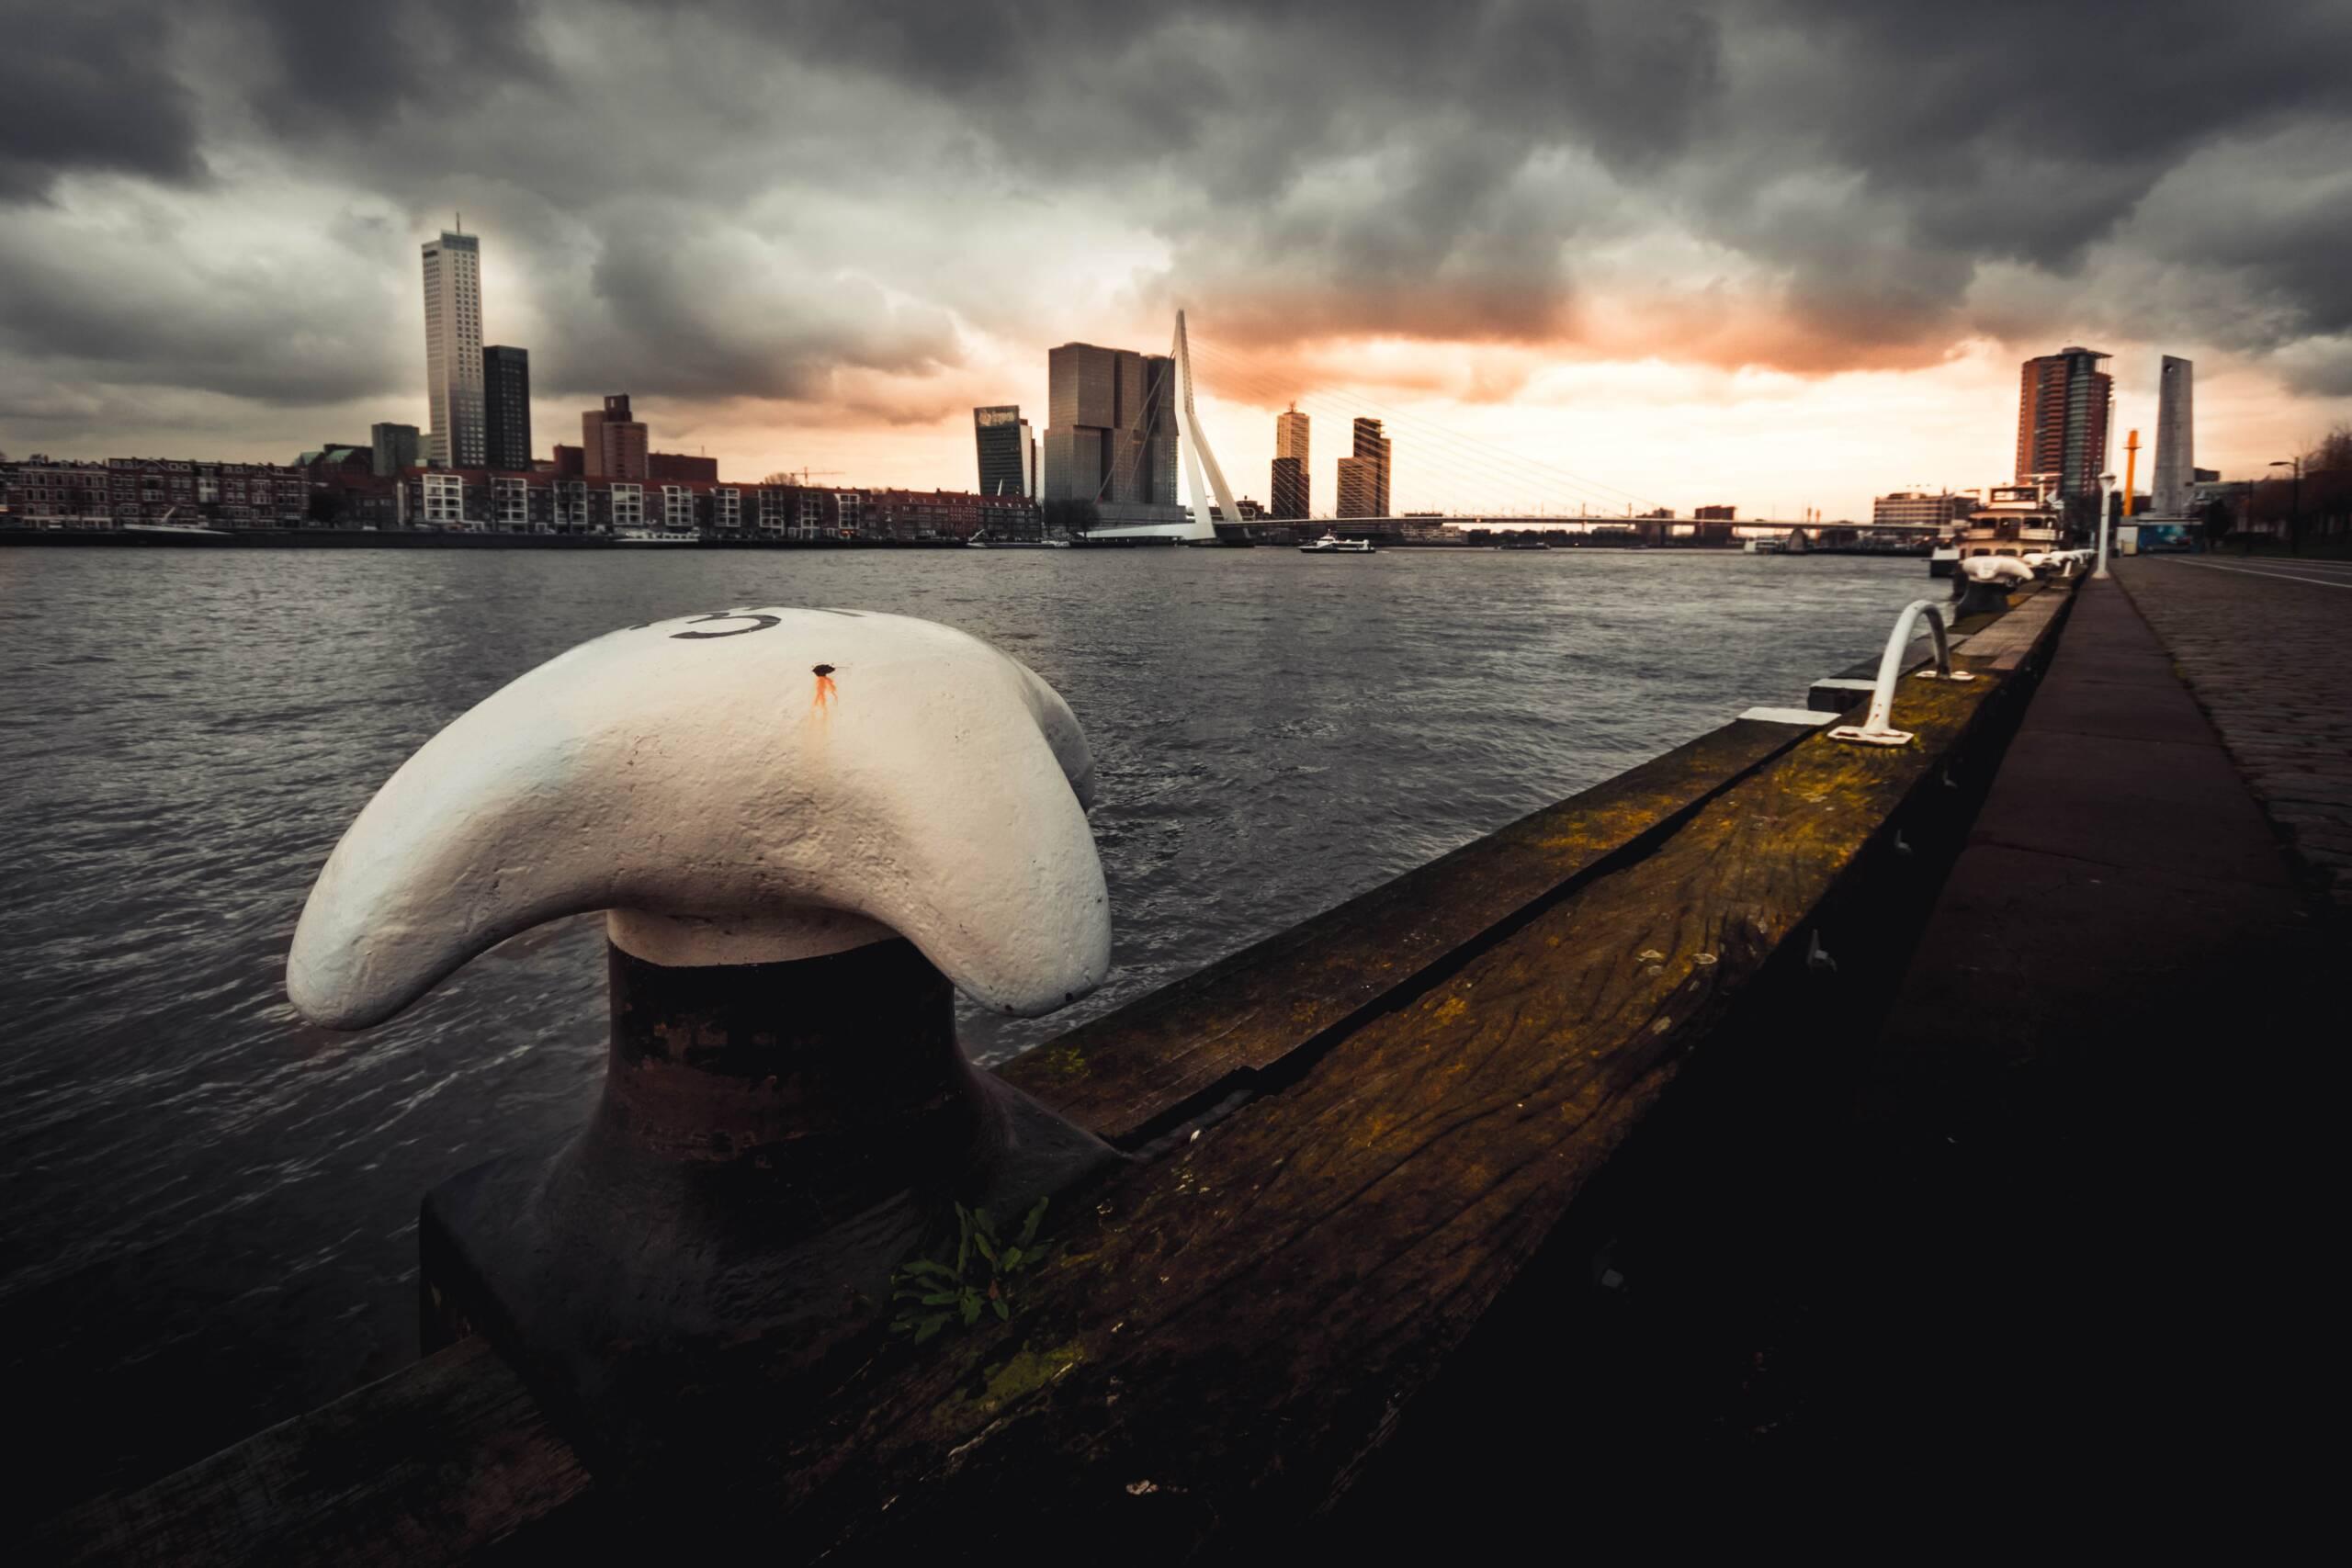 """Schippersblog """"Toen wij van Rotterdam vertrokken"""""""